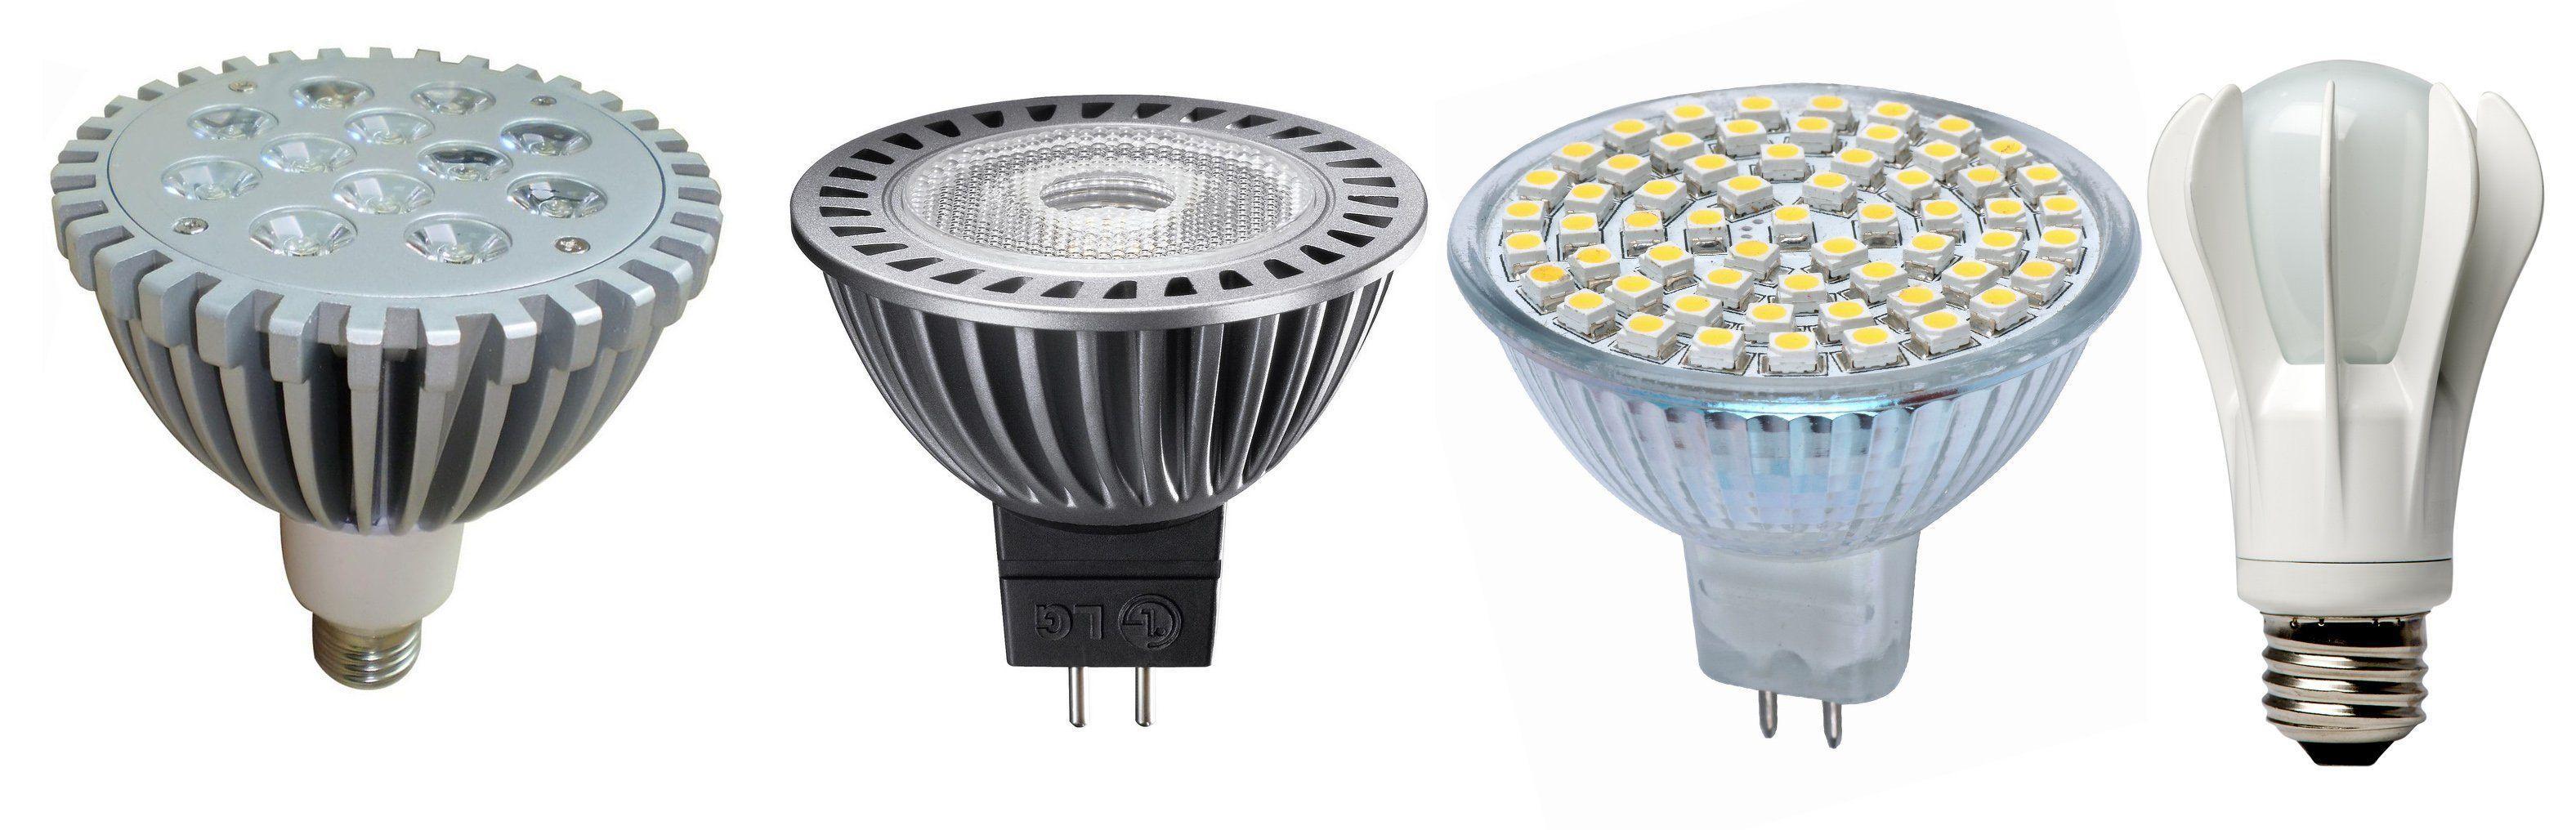 Светодиодные лампы приходят в наш дом